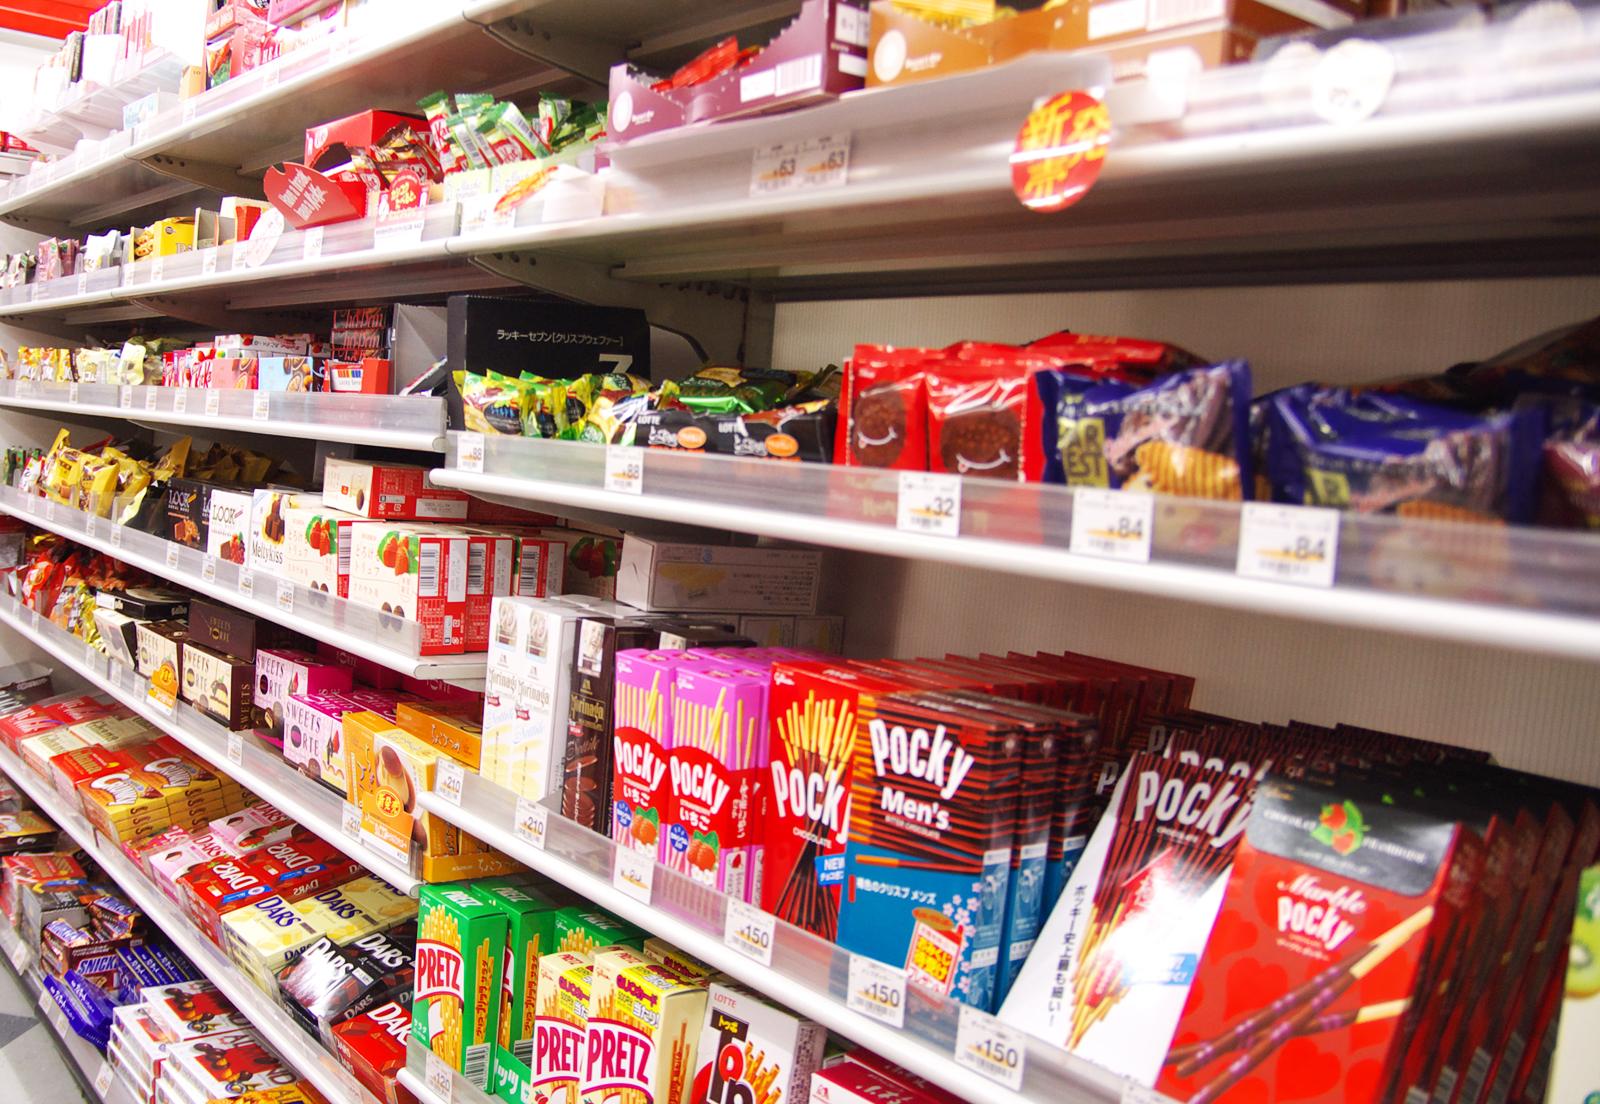 セブンイレブンおすすめ商品別ランキング!人気のお弁当や惣菜・スイーツ紹介!